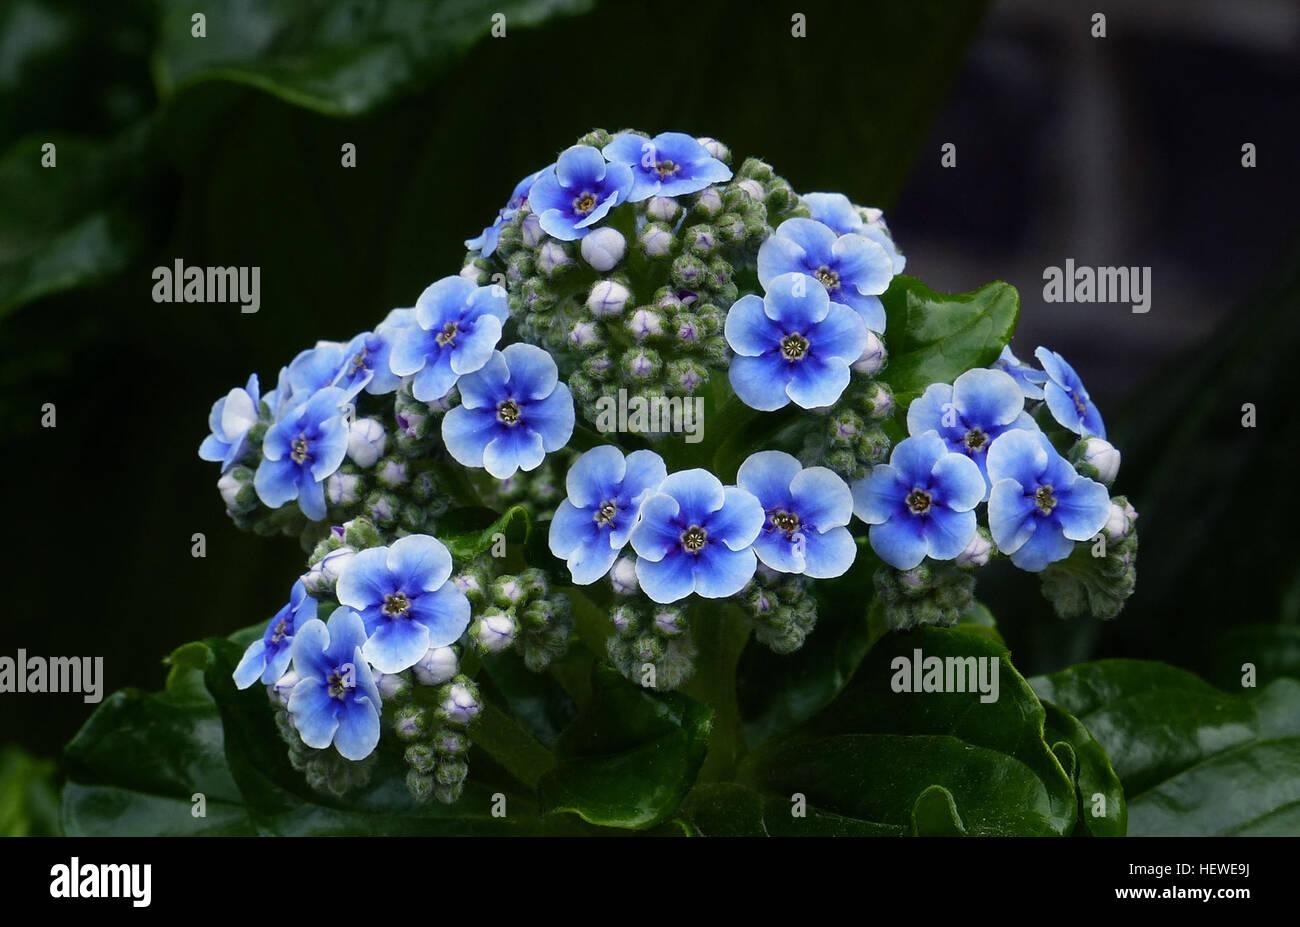 Avec Leur Epais Brillant Feuilles Et Fleurs Bleu Spectaculaire De L